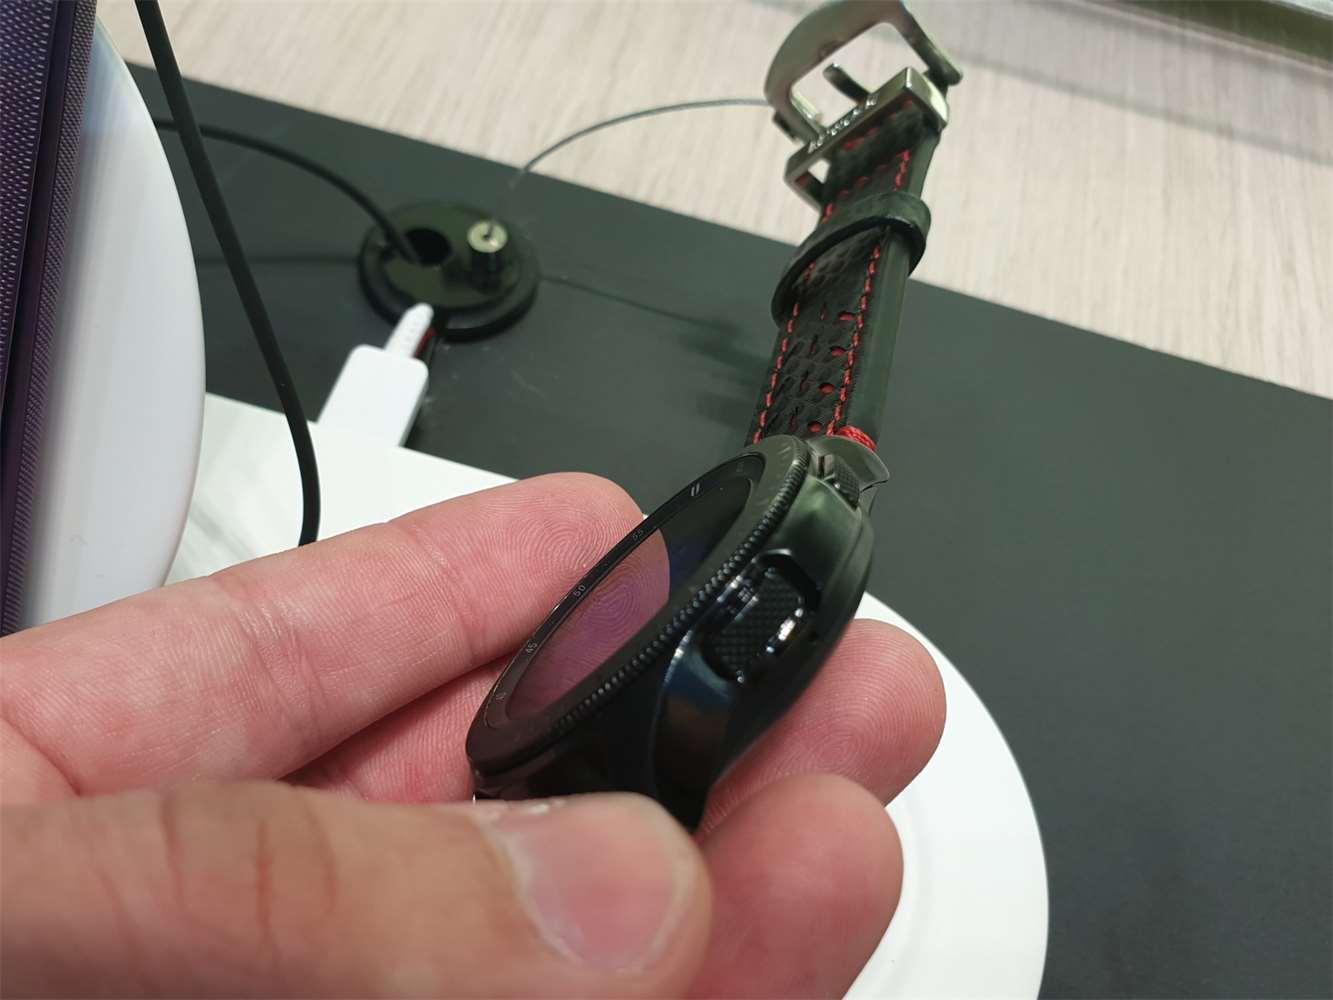 c27b7237c5c Galerie - Samsung začíná prodávat hodinky Galaxy Watch. Konkurenci překonají  armádním standardem MIL-STD 810G